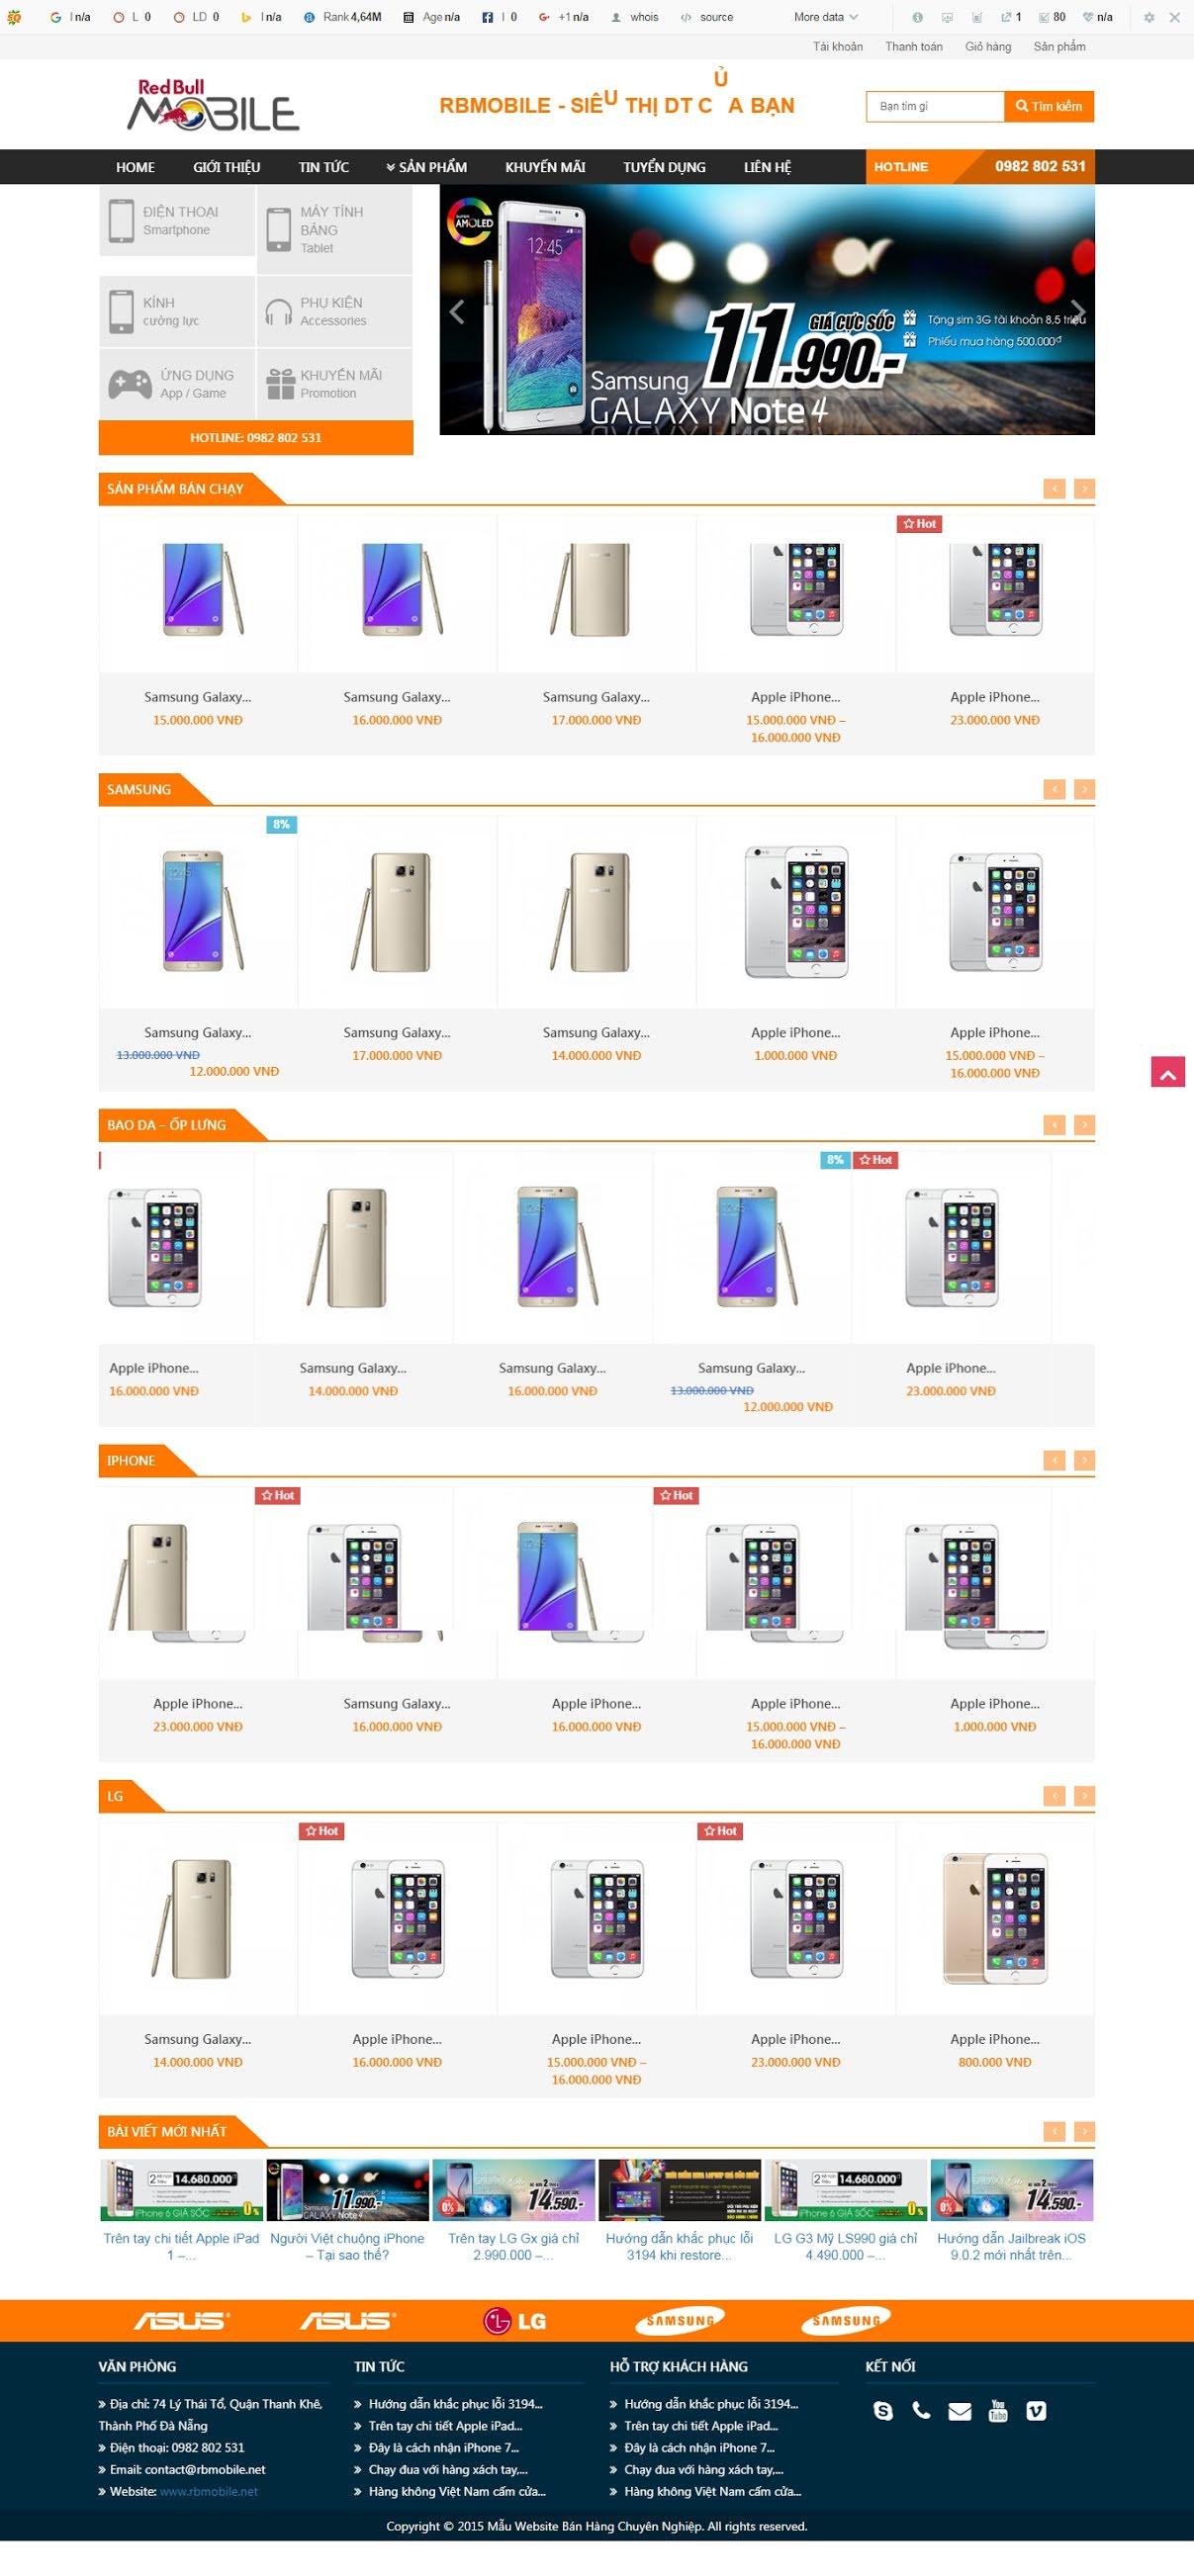 BÁN HÀNG 082 - điện thoại smartphone